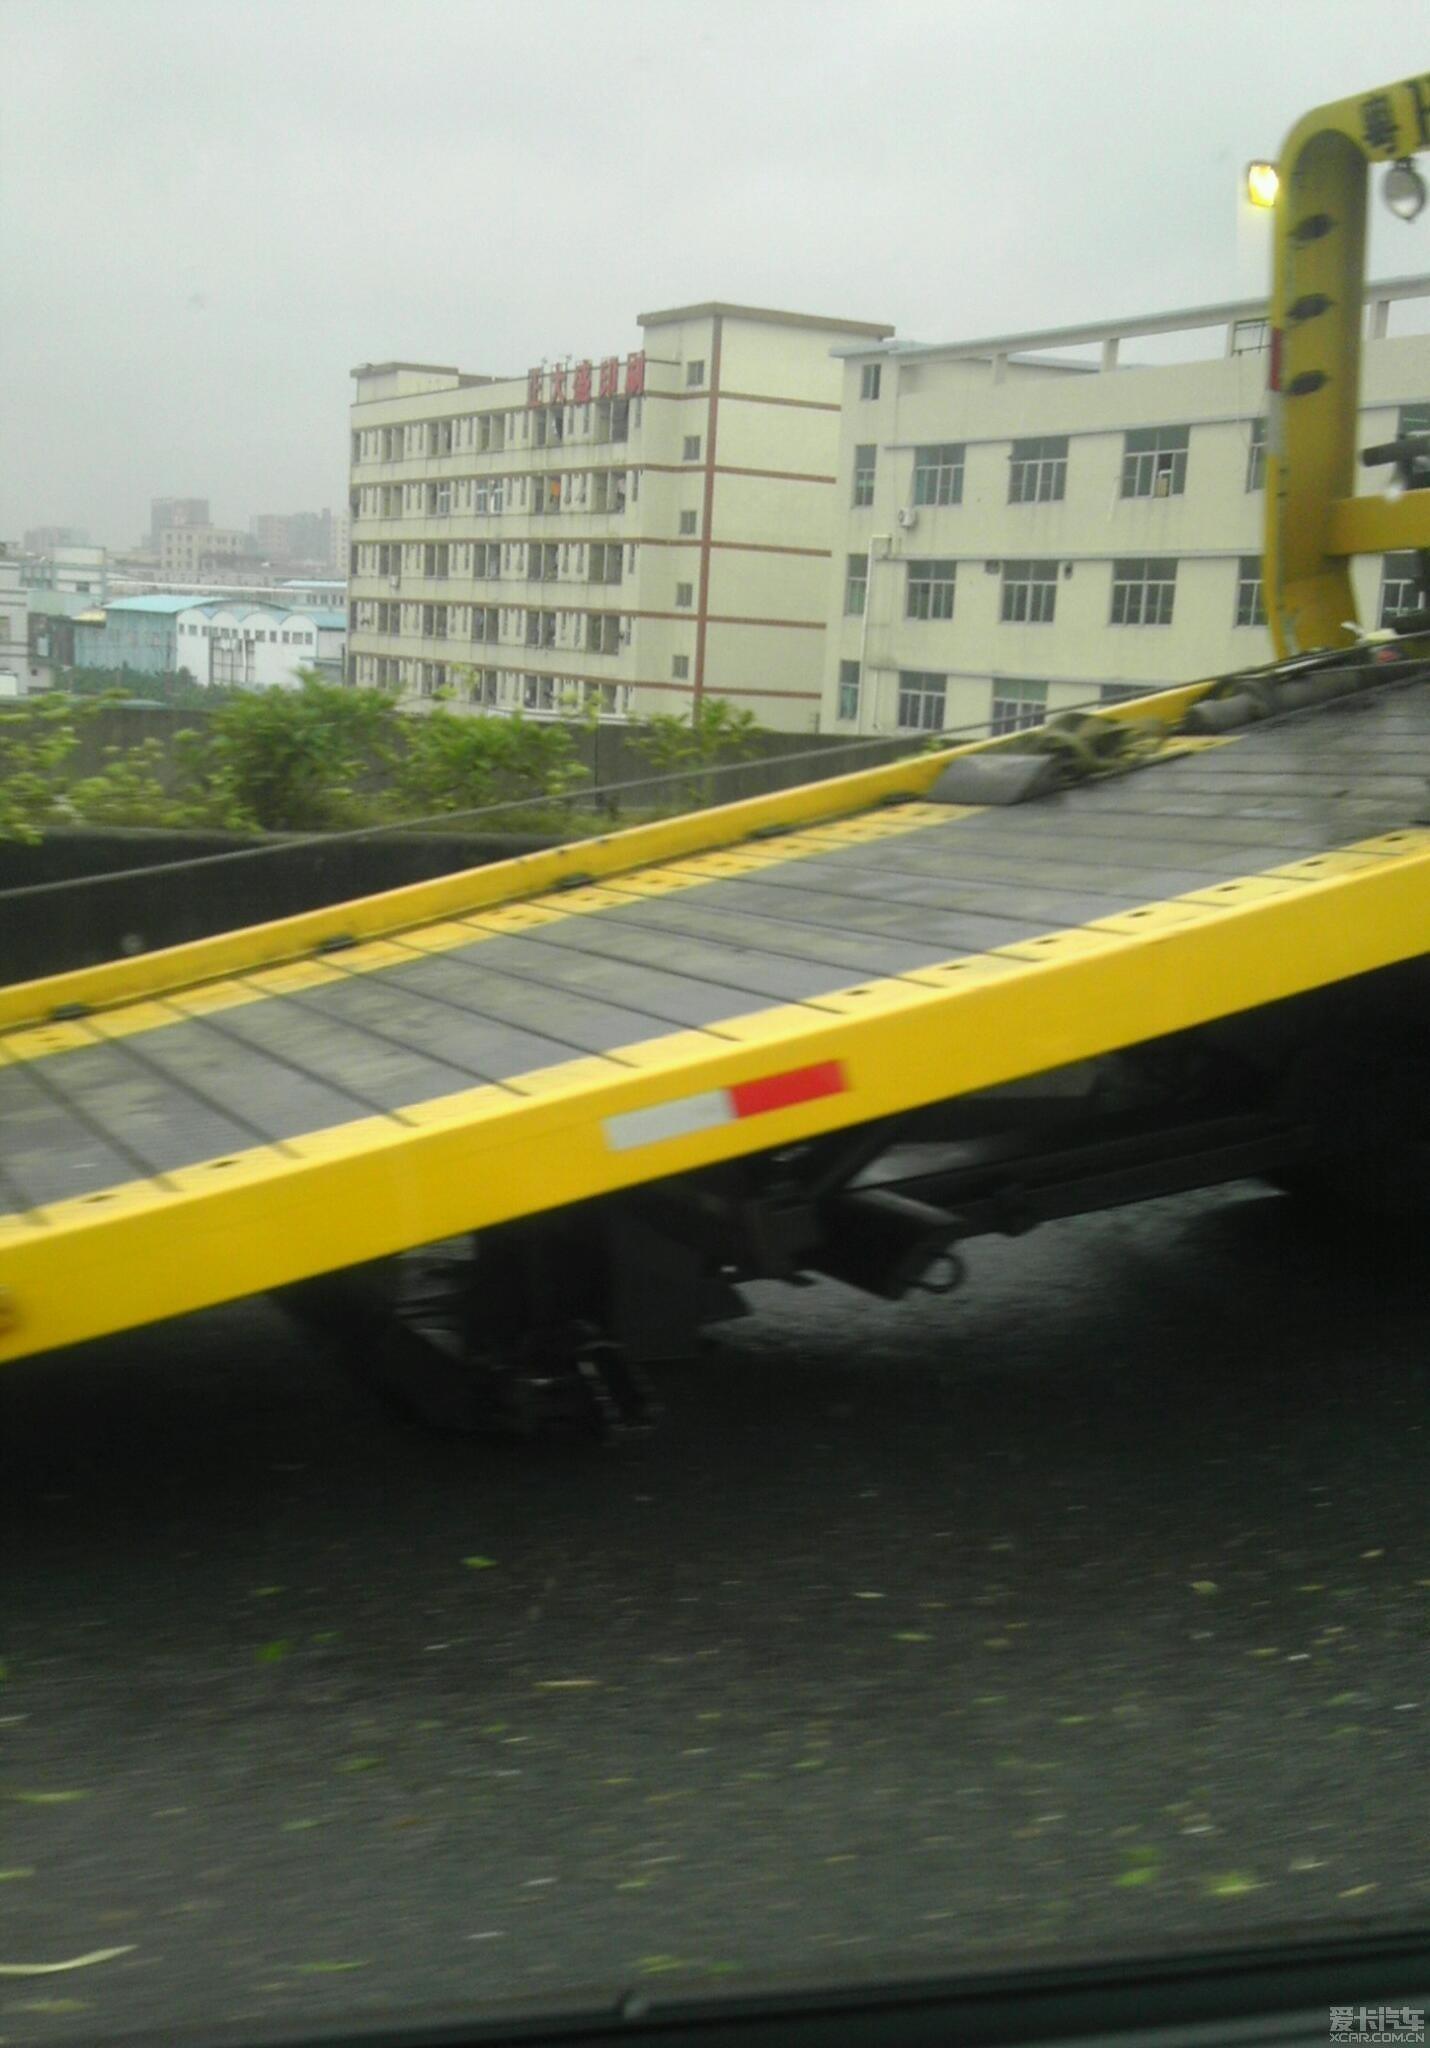 发个南光事故图,就11点左右 深圳汽车论坛 XCAR 爱卡汽车俱乐部 -高清图片